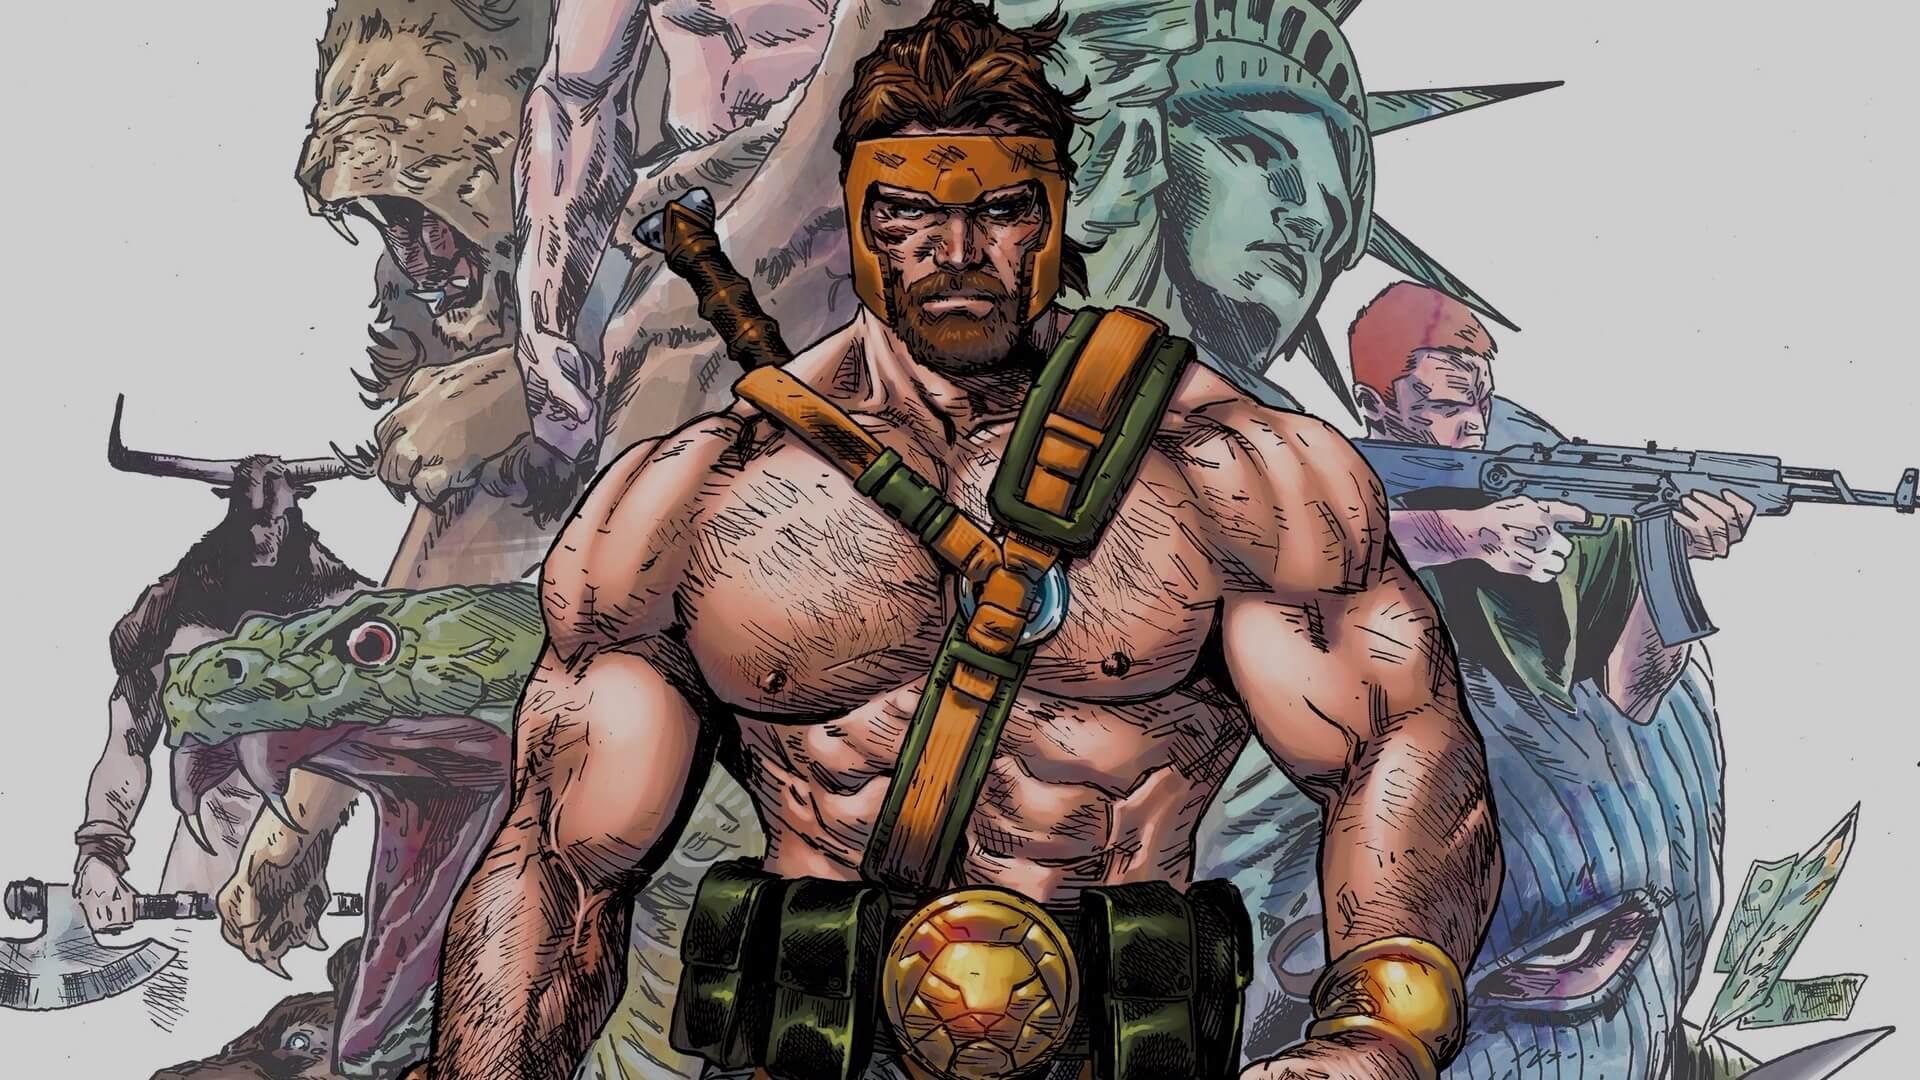 Инсайдер: Геркулес и боги появятся в киновселенной Marvel